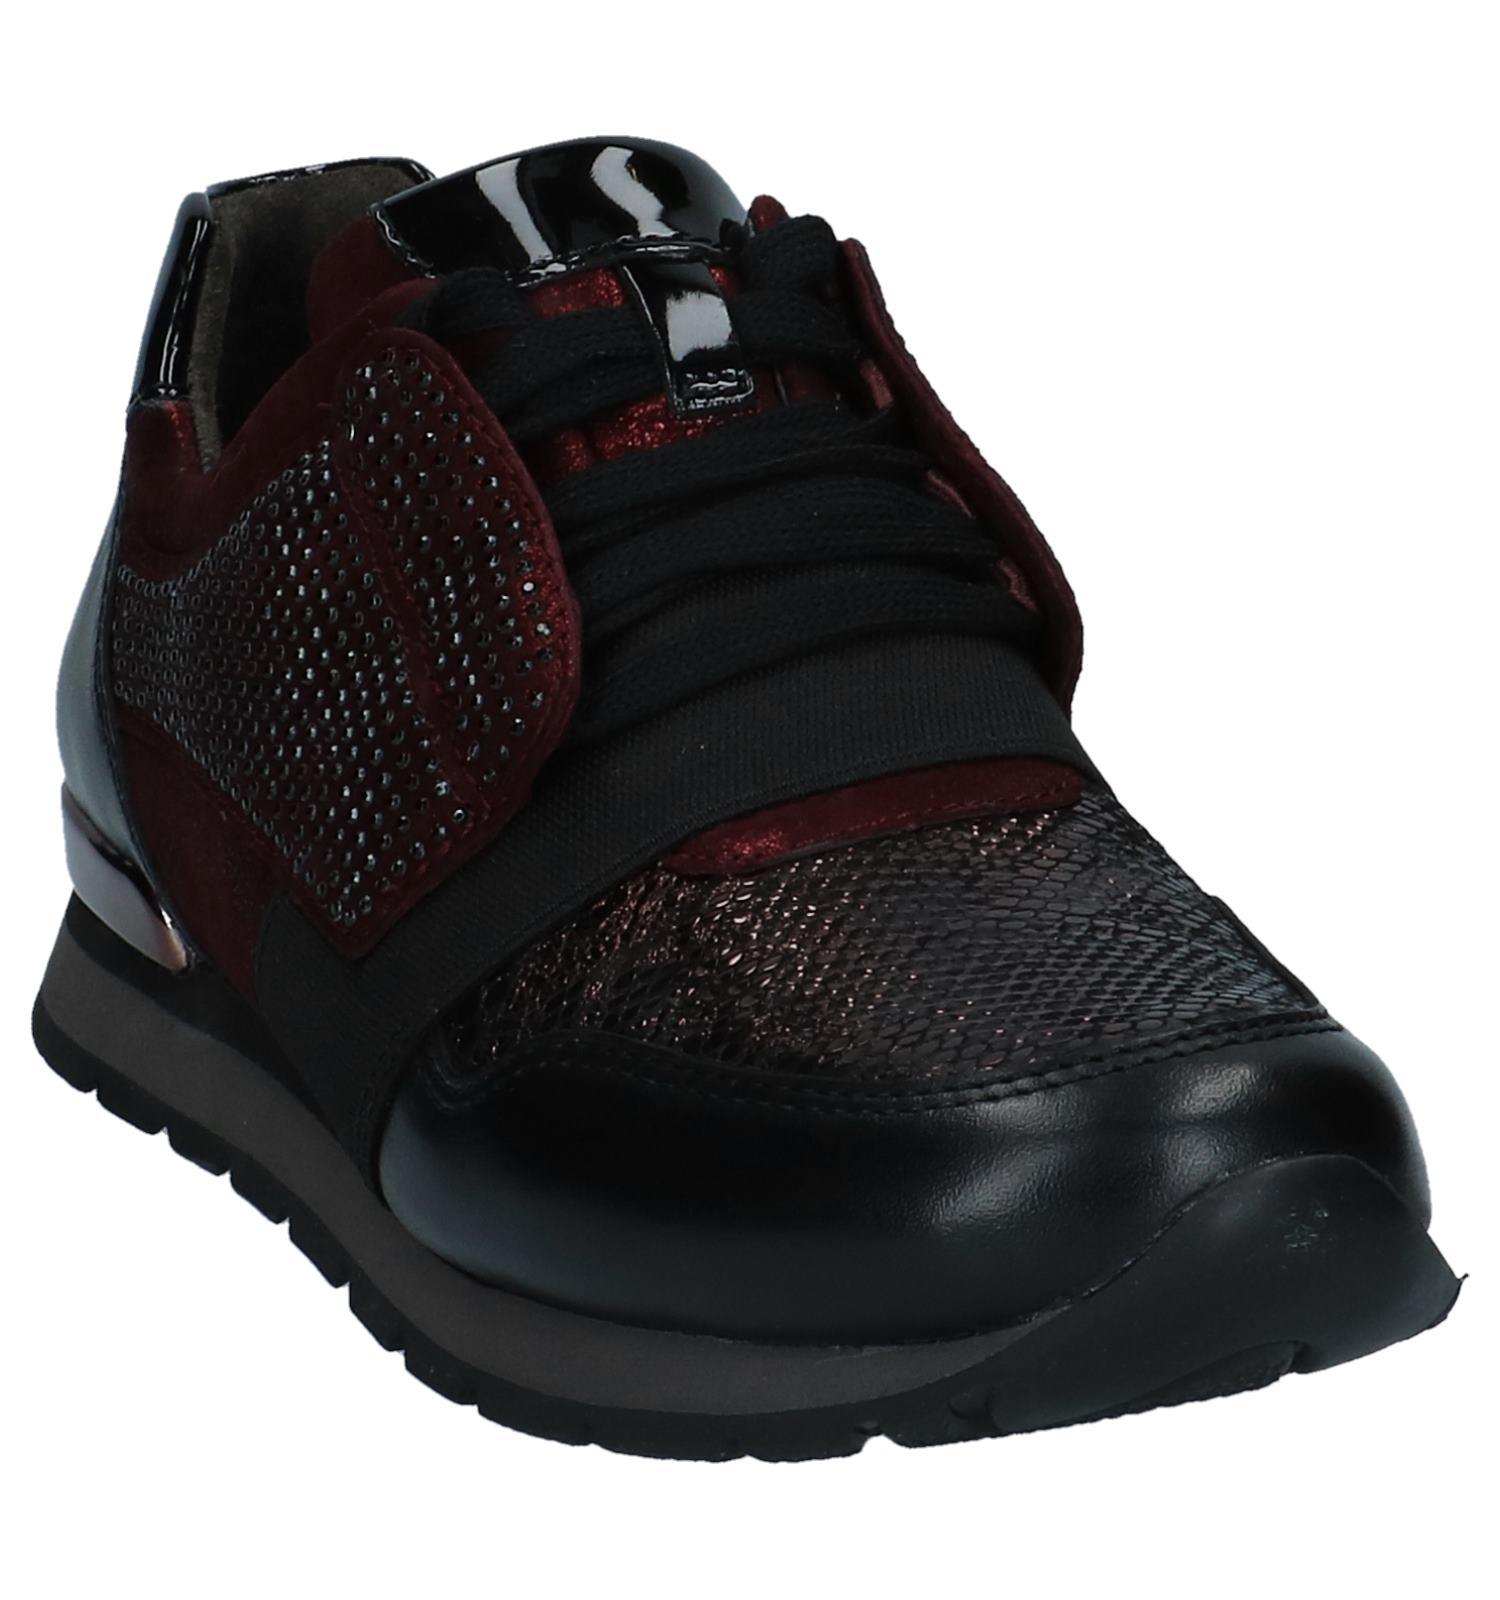 Geklede Sneakers Bordeaux Gabor Geklede Gabor Sneakers Comfort Bordeaux nkP80Ow